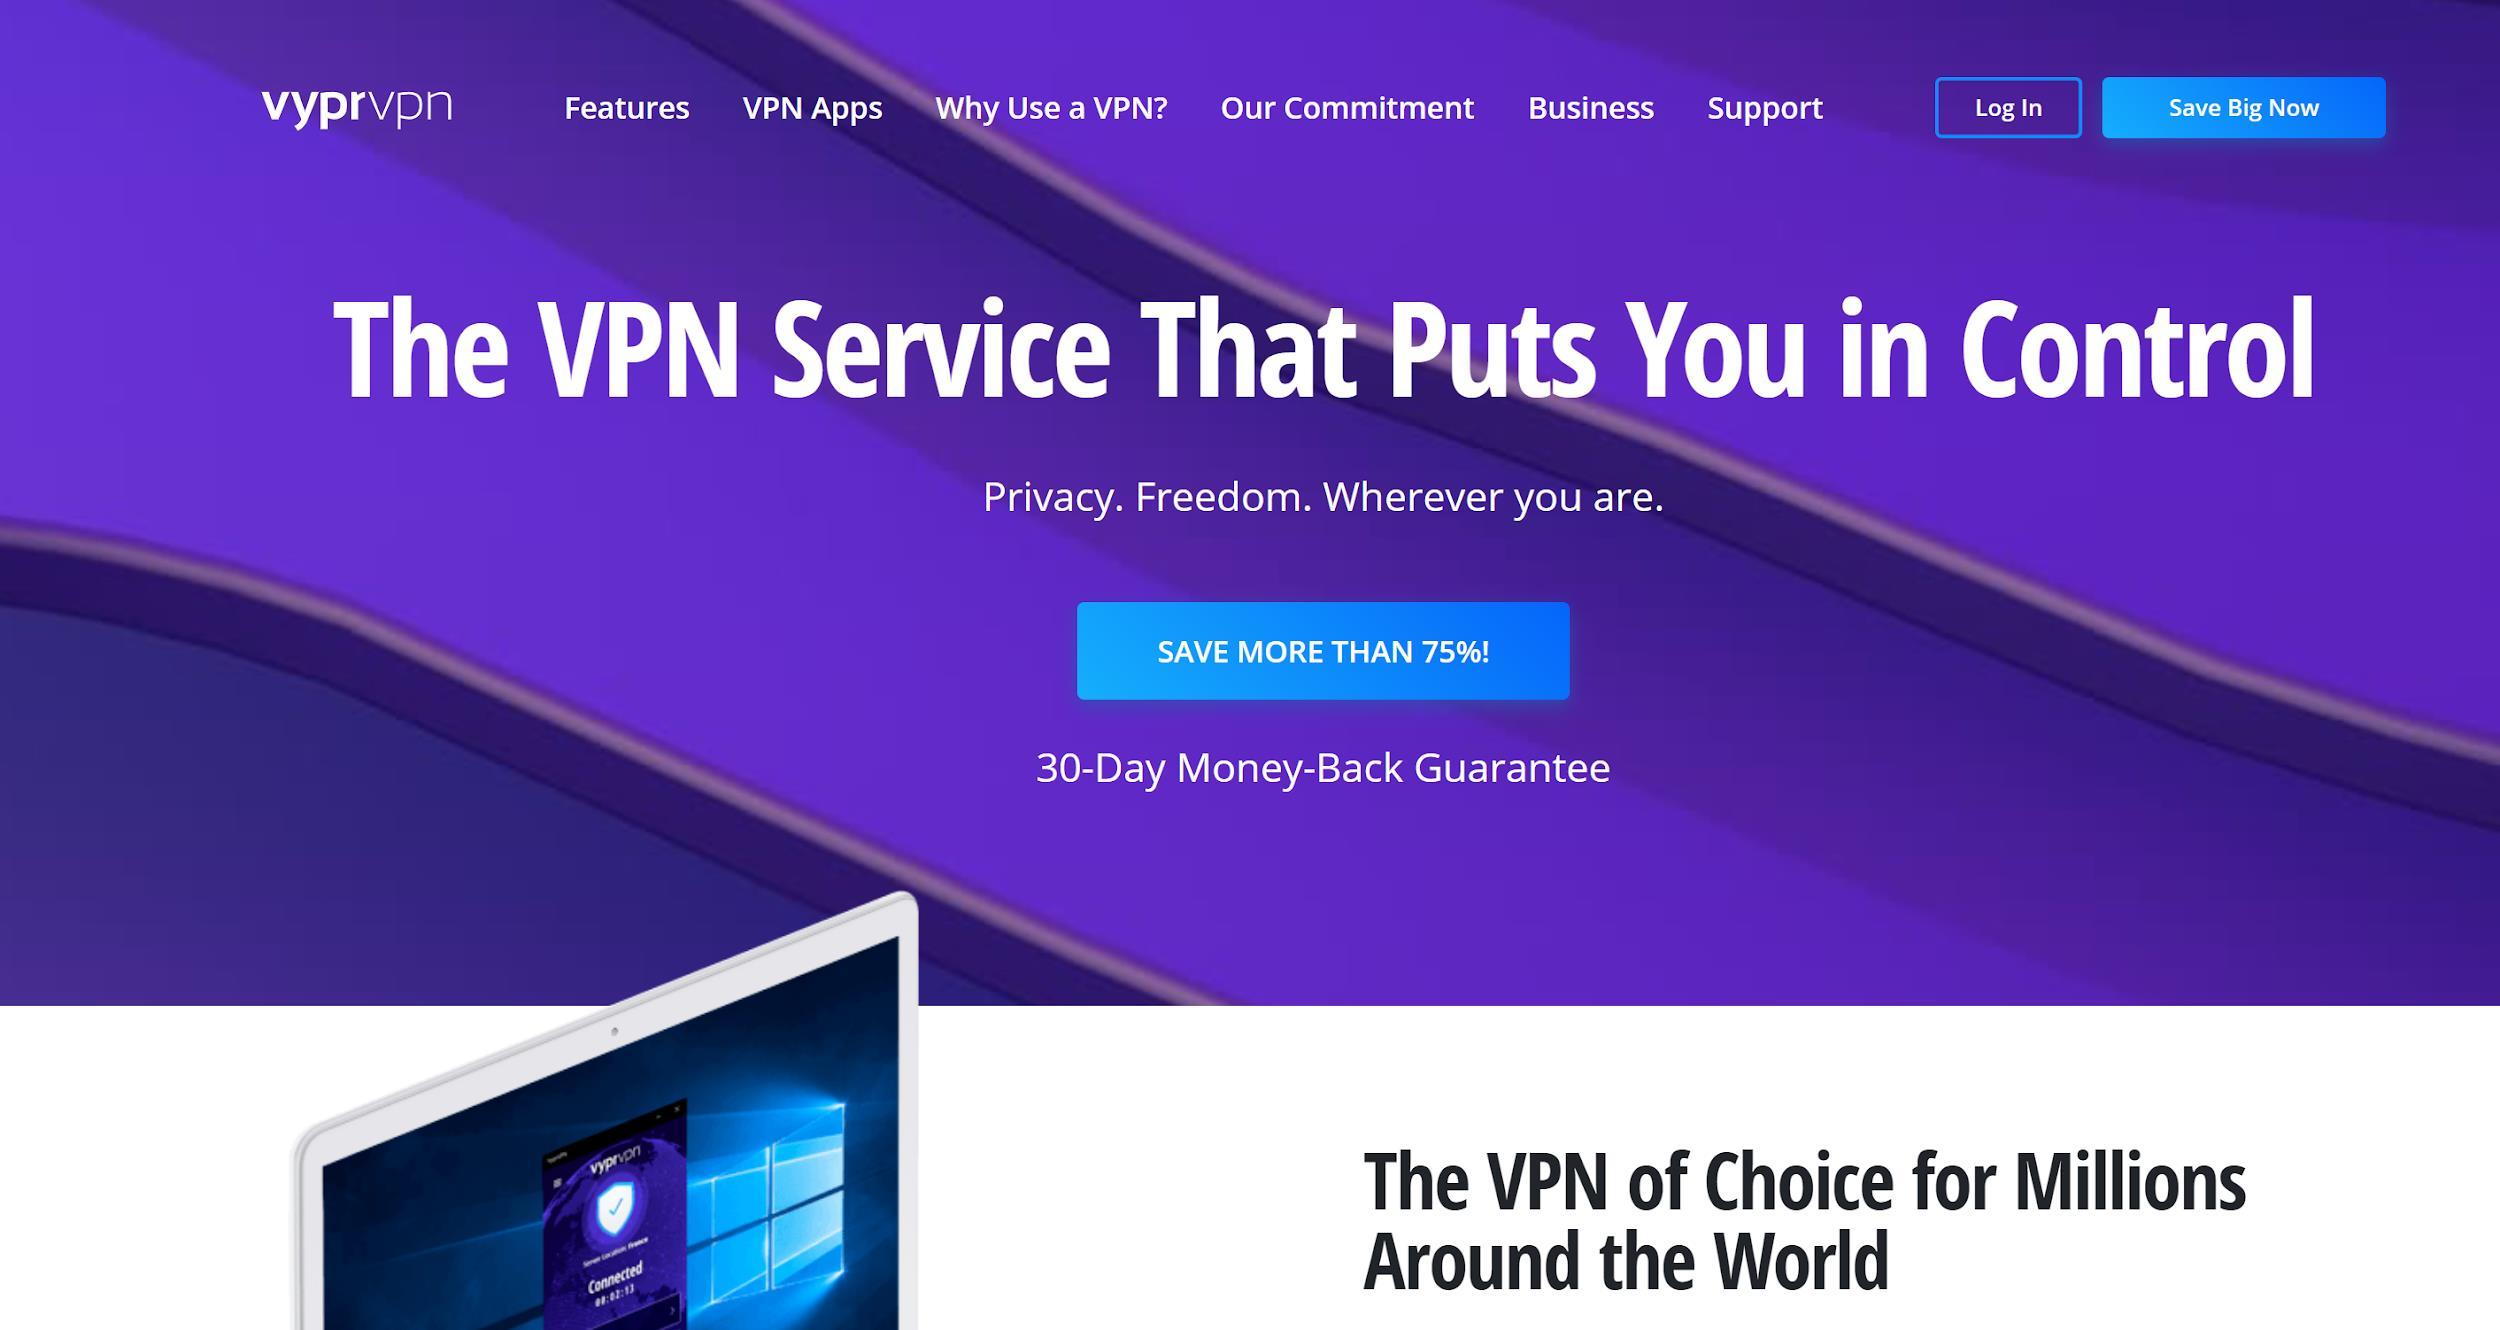 VyprVPN Review - Page d'accueil VyprVPN